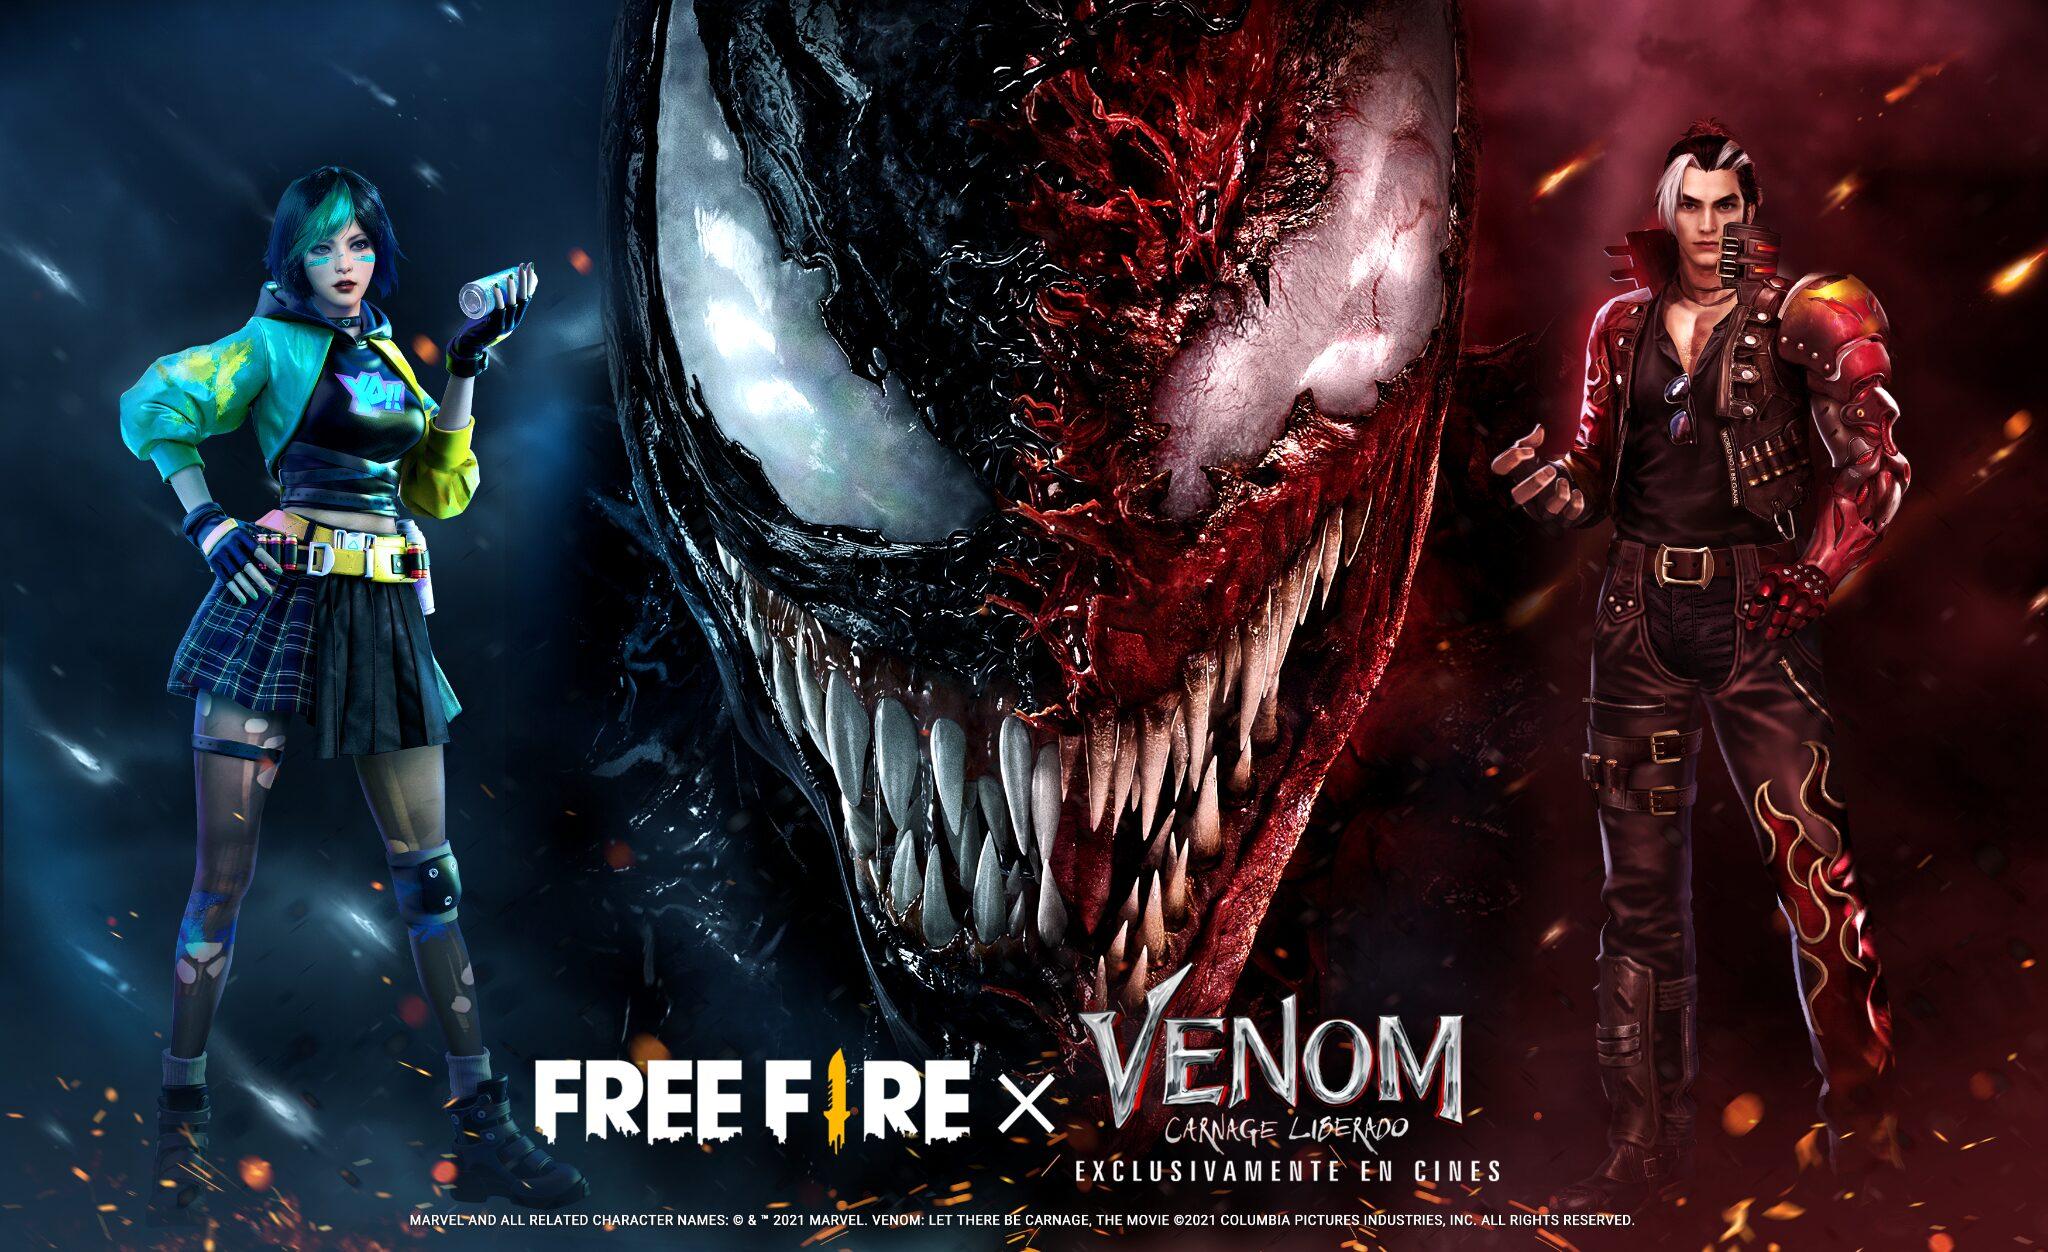 Venom en Free Fire